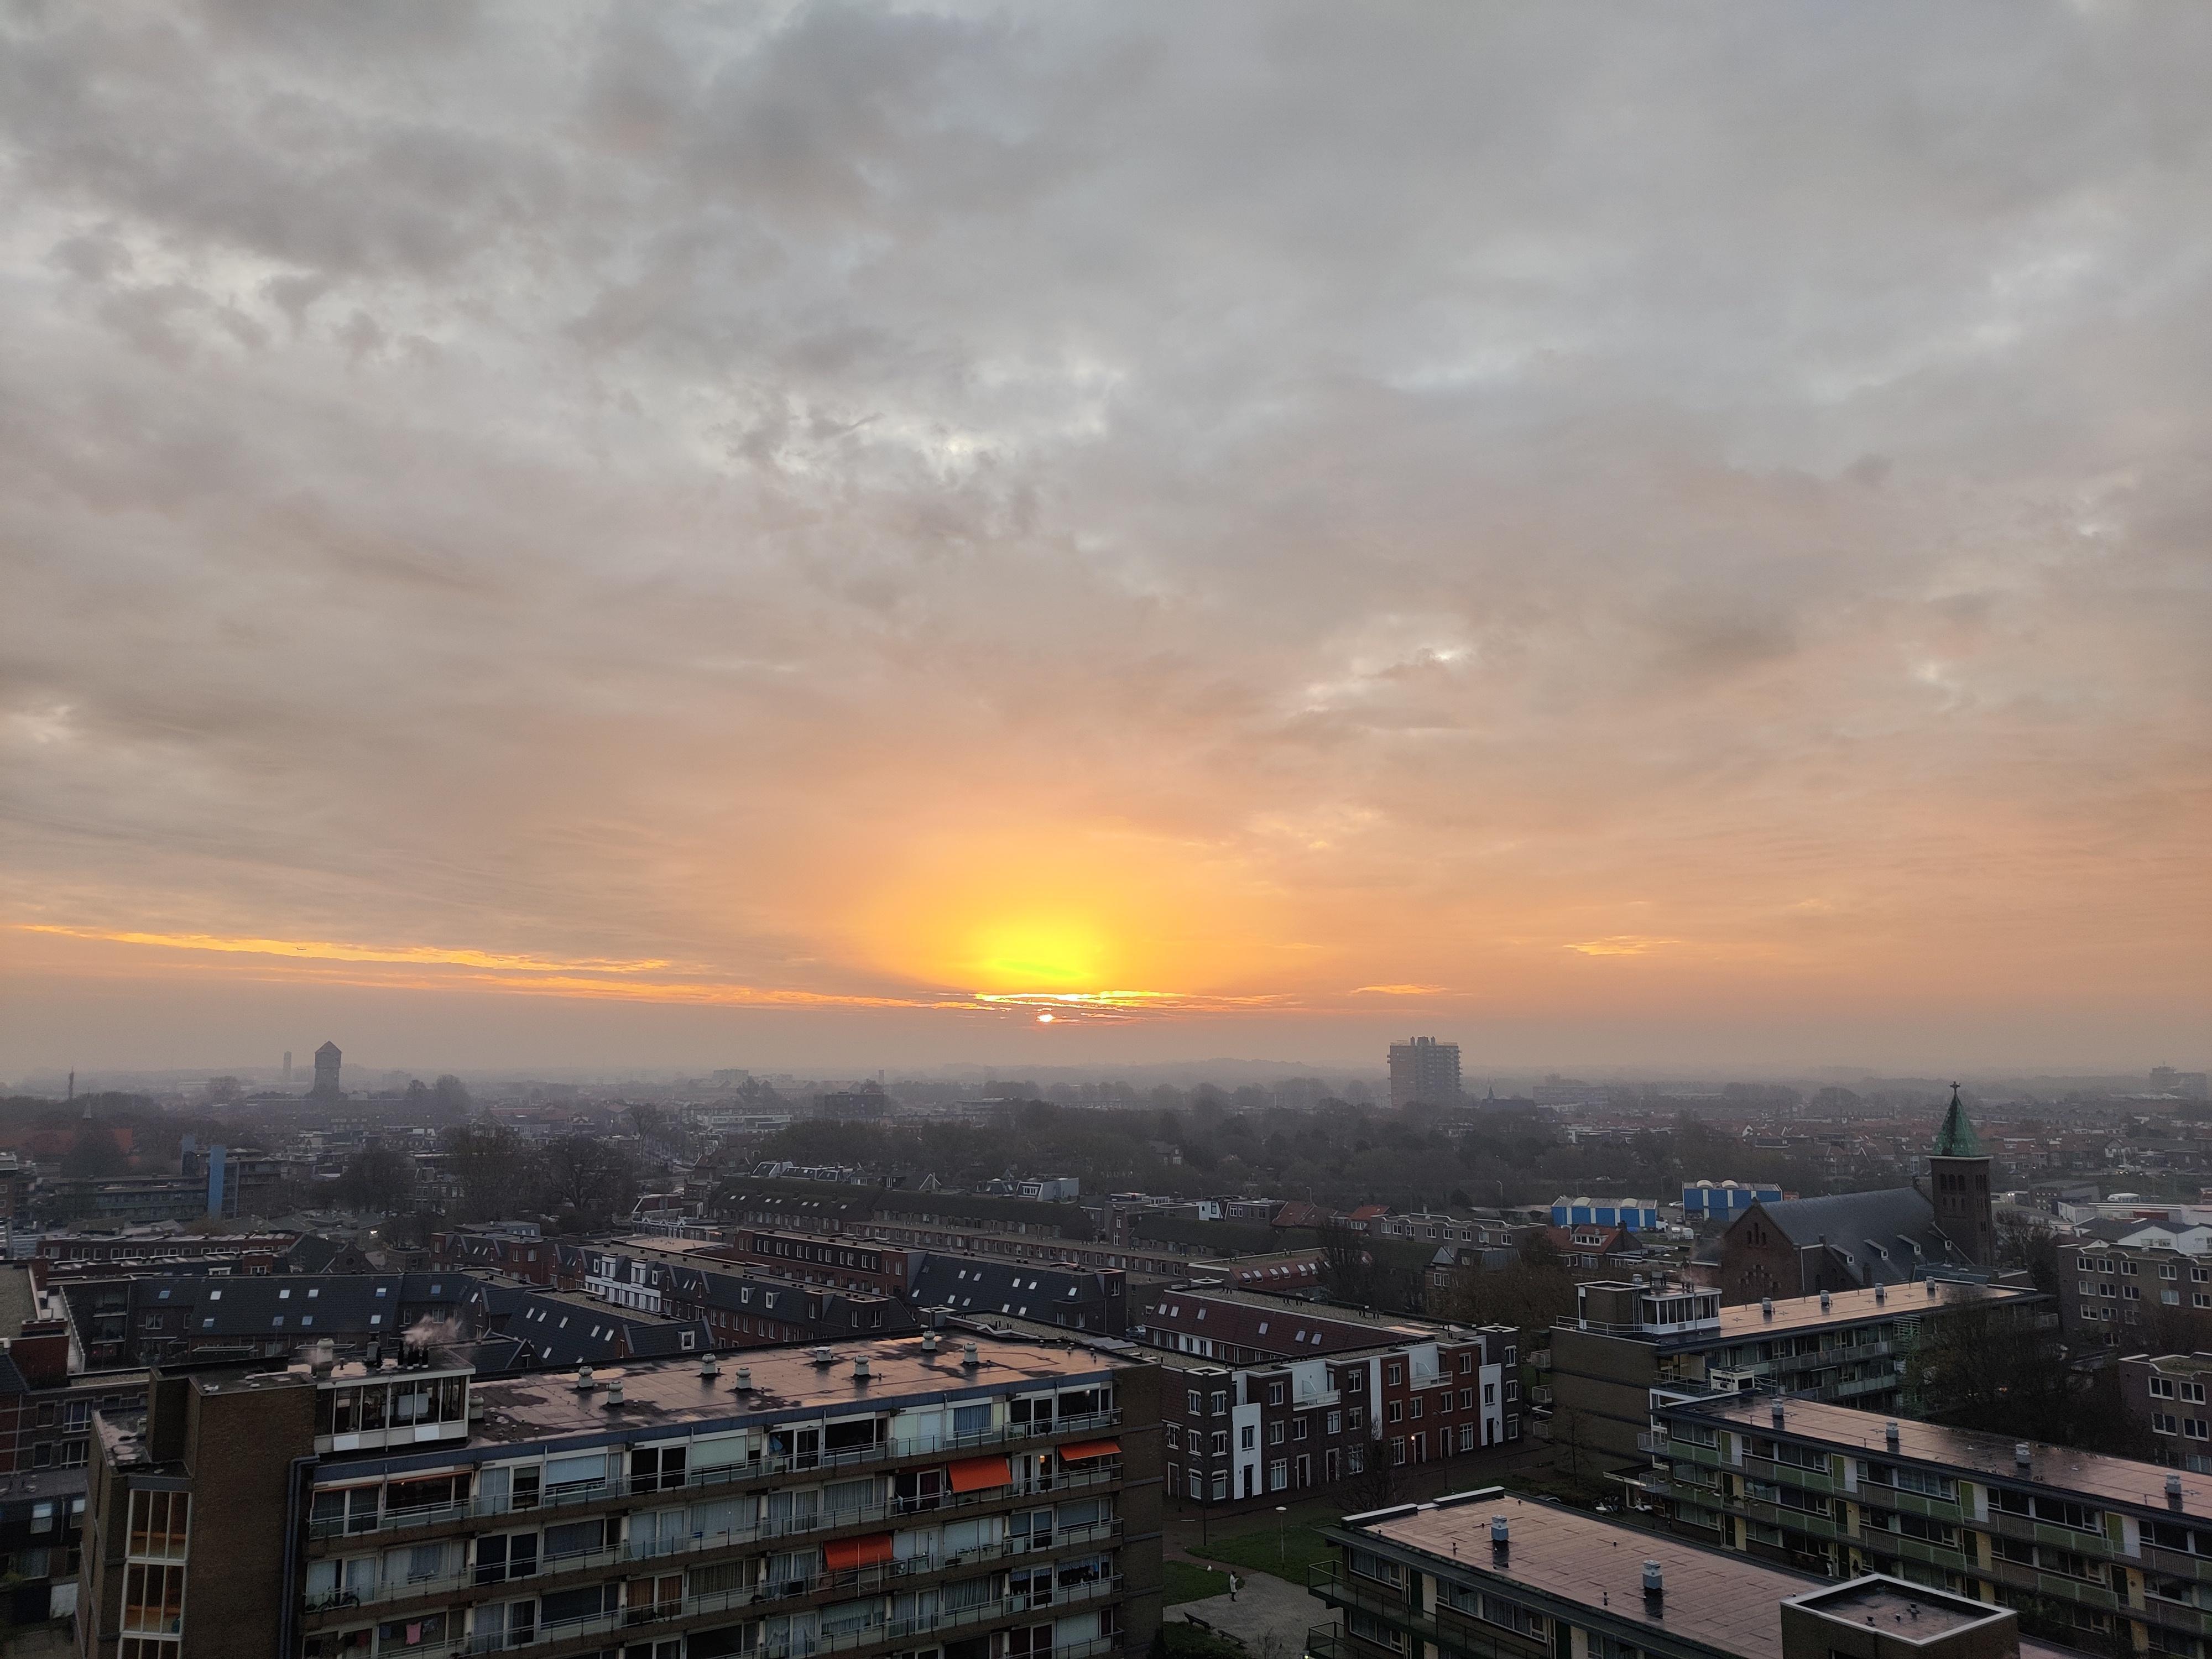 'IJmuiden ontwaakt', lezersfoto vanaf de toren van Breezicht